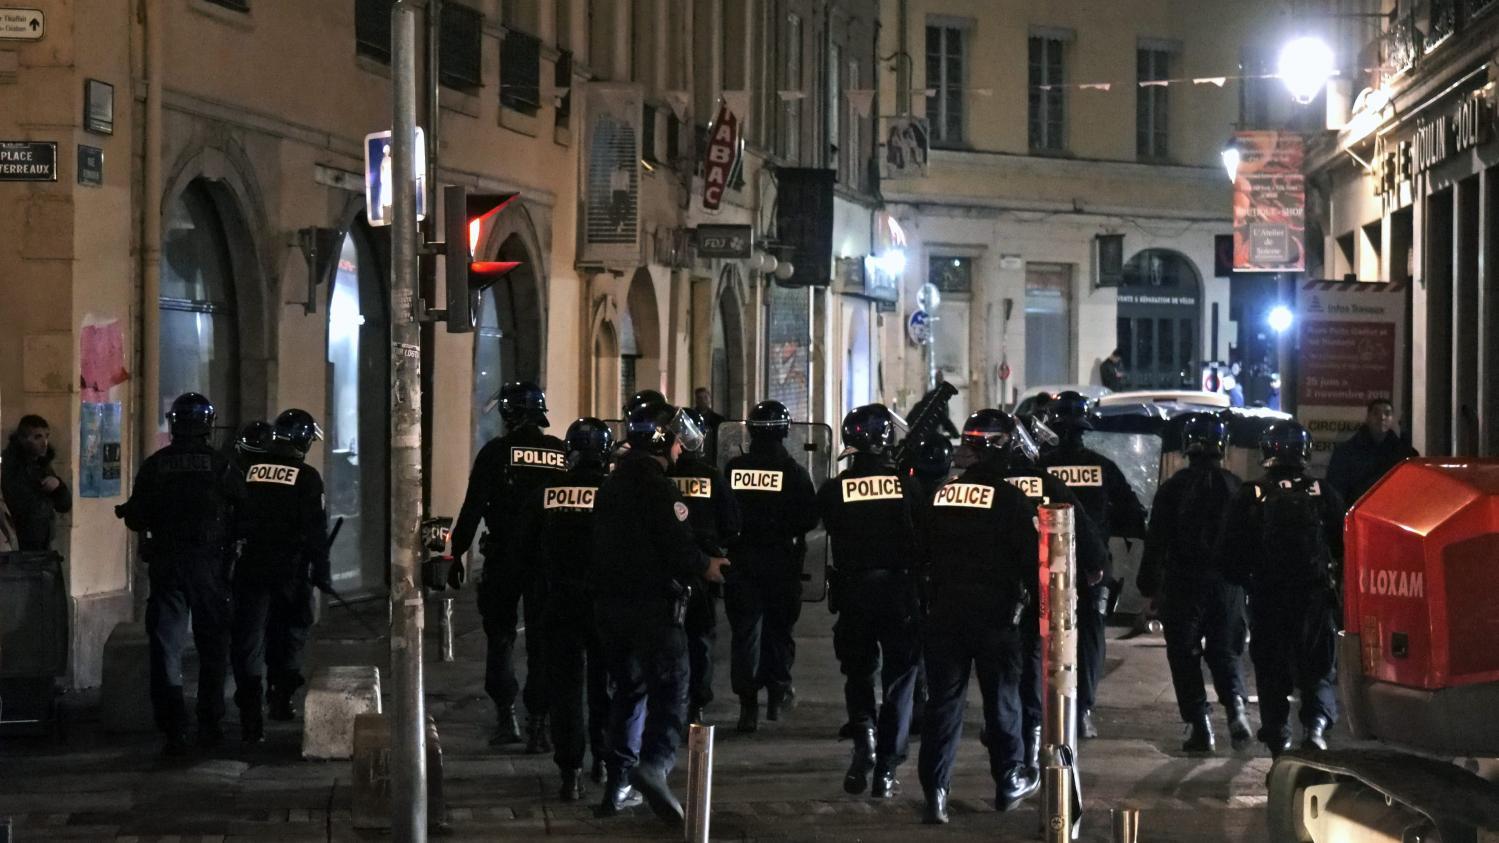 Violences lors de la nuit d 39 halloween lyon un homme - Chambre nationale des huissiers de justice resultat examen ...